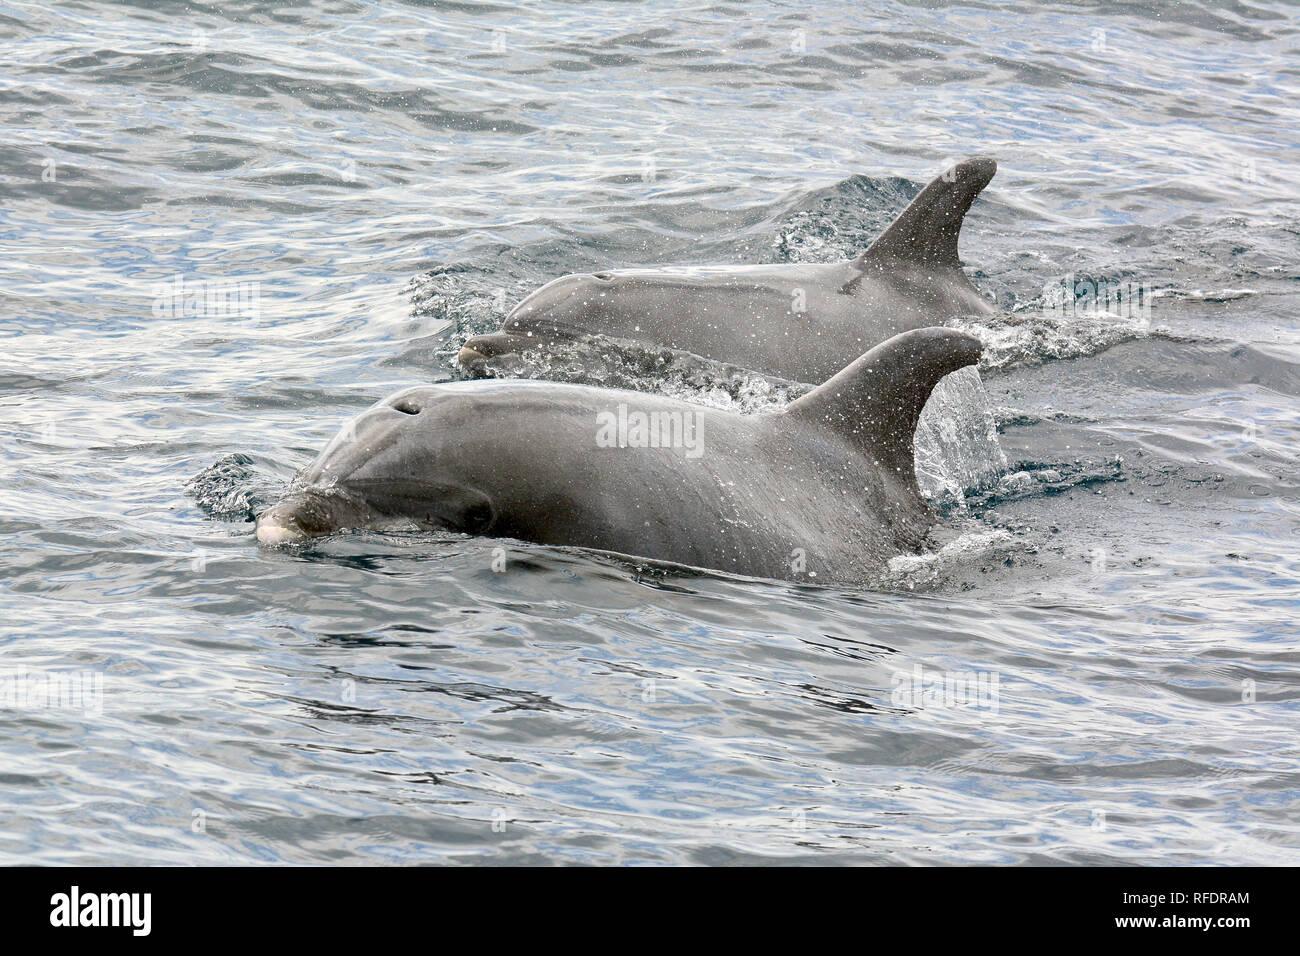 common bottlenose dolphin, Atlantic bottlenose dolphin, Große Tümmler, palackorrú delfin, Tursiops truncatus - Stock Image